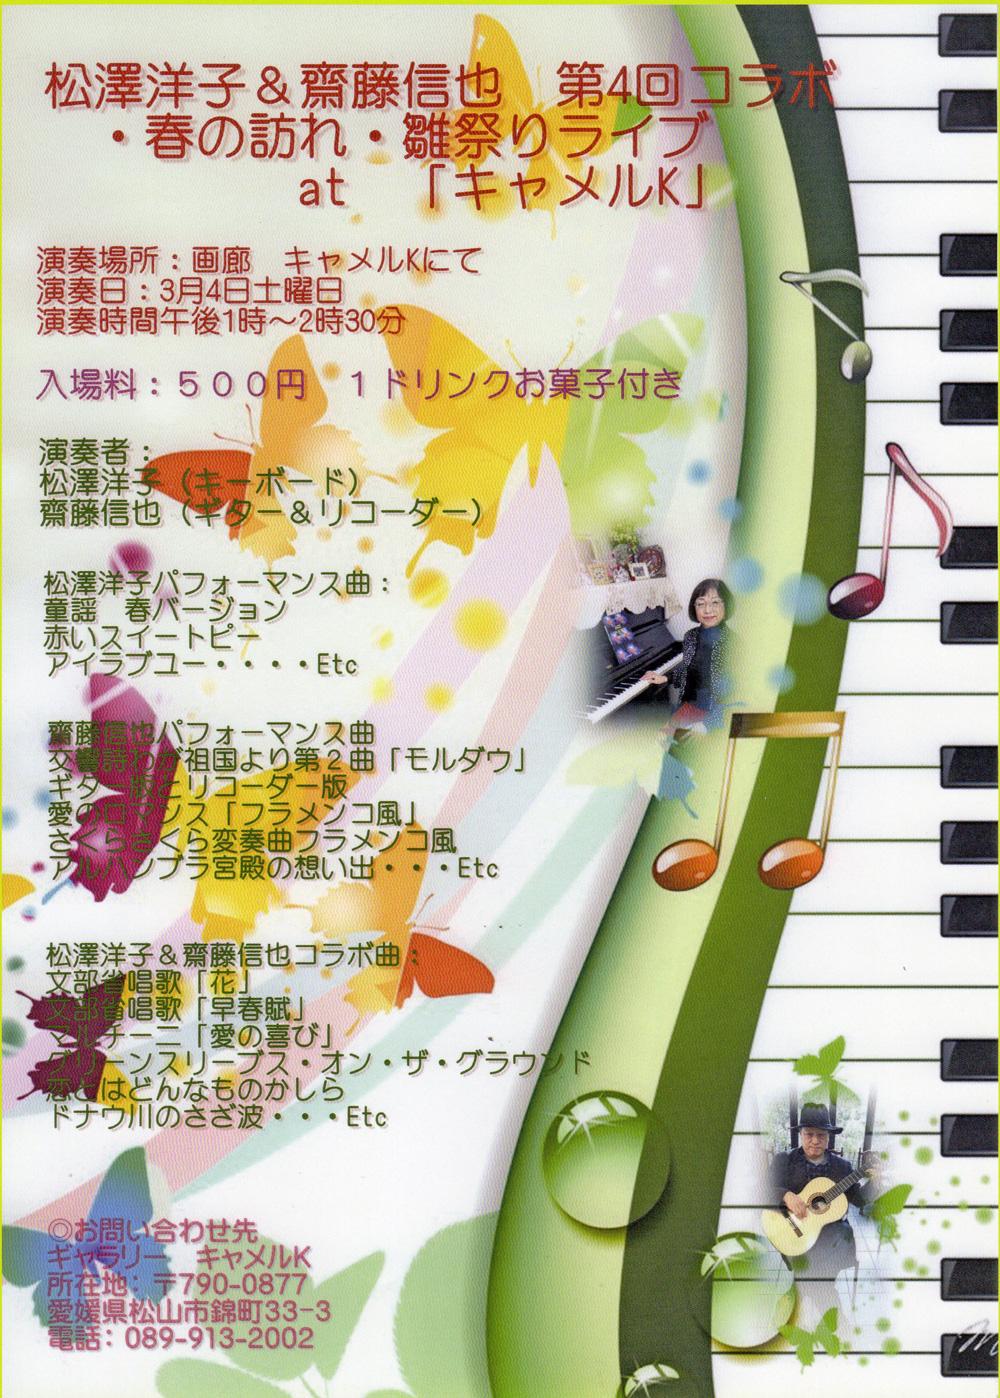 松澤洋子&齋藤信也 第4回コラボ・春の訪れ・雛祭りライブ